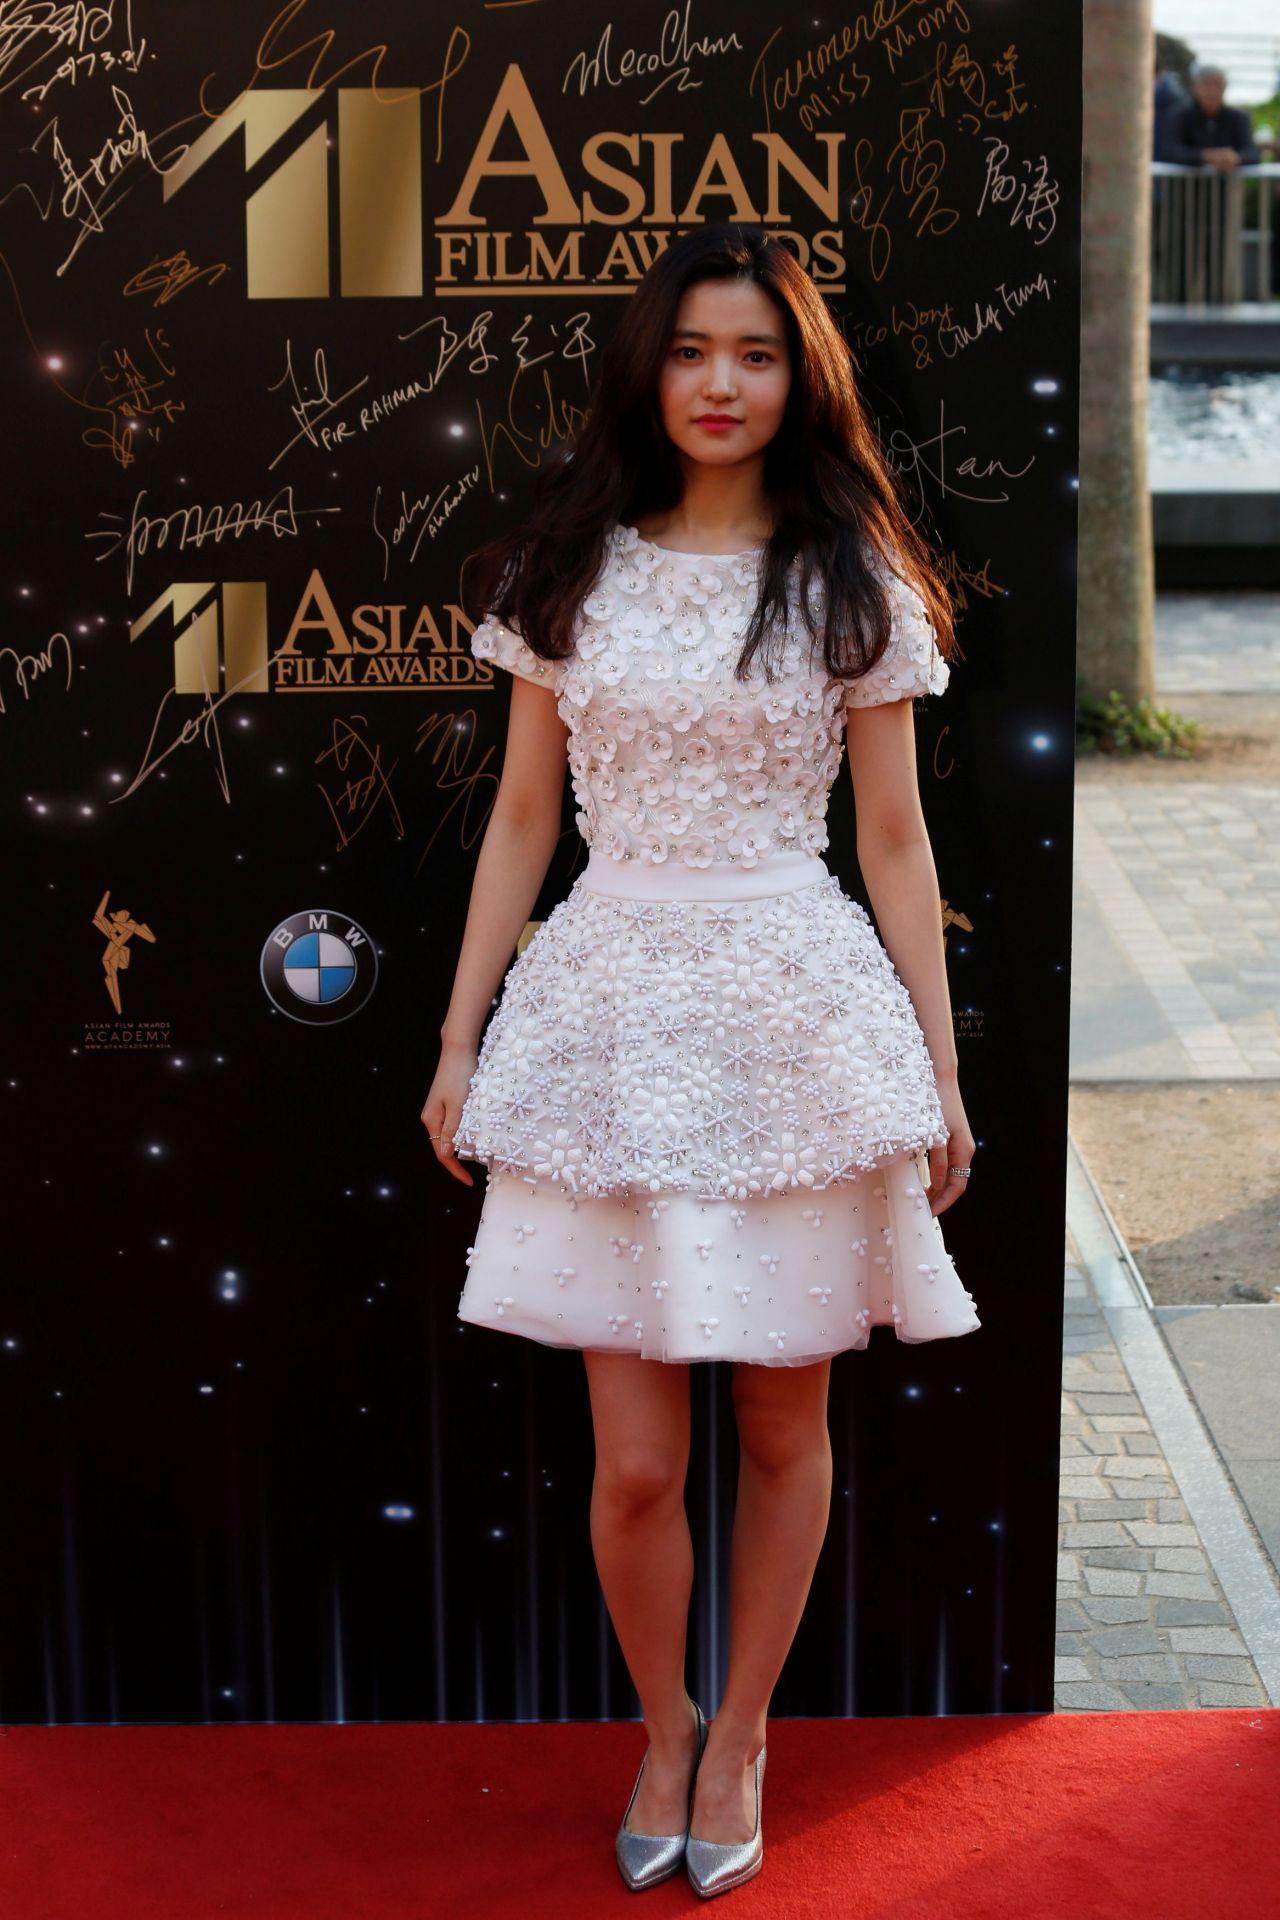 Hong Kong Film Awards 2019